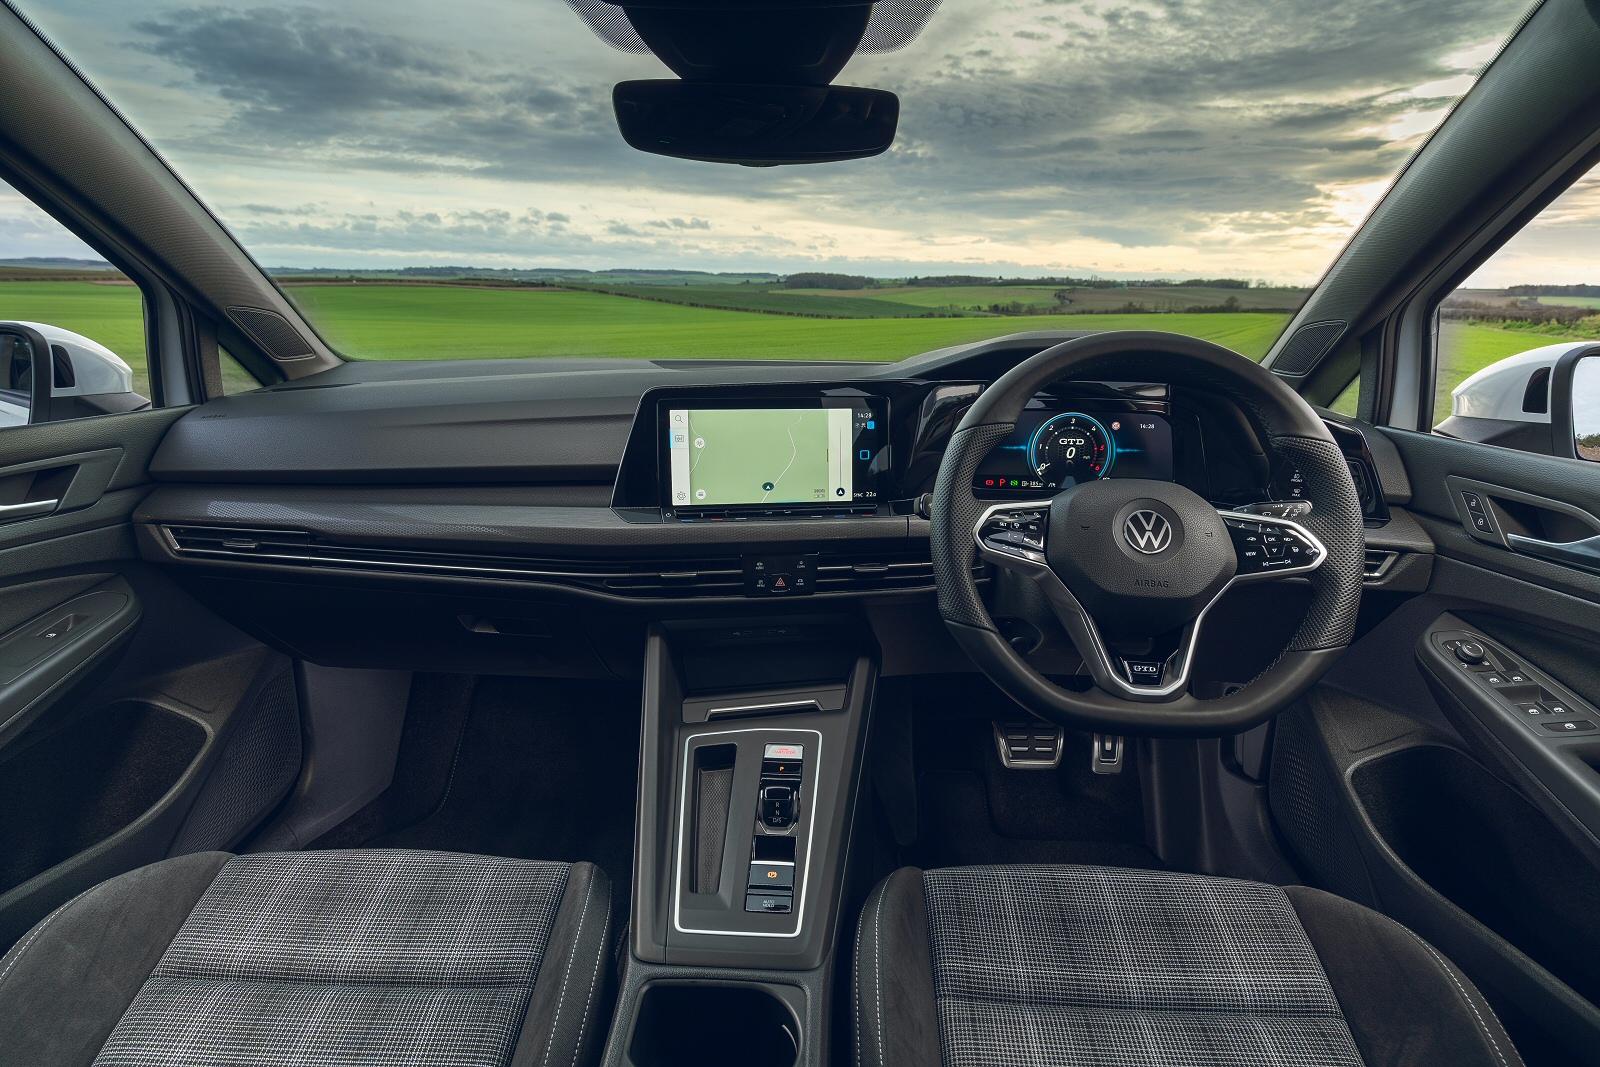 Volkswagen Golf 8 GTD 2.0 TDI 200PS 7-speed DSG 5 Door + CLICK AND COLLECT